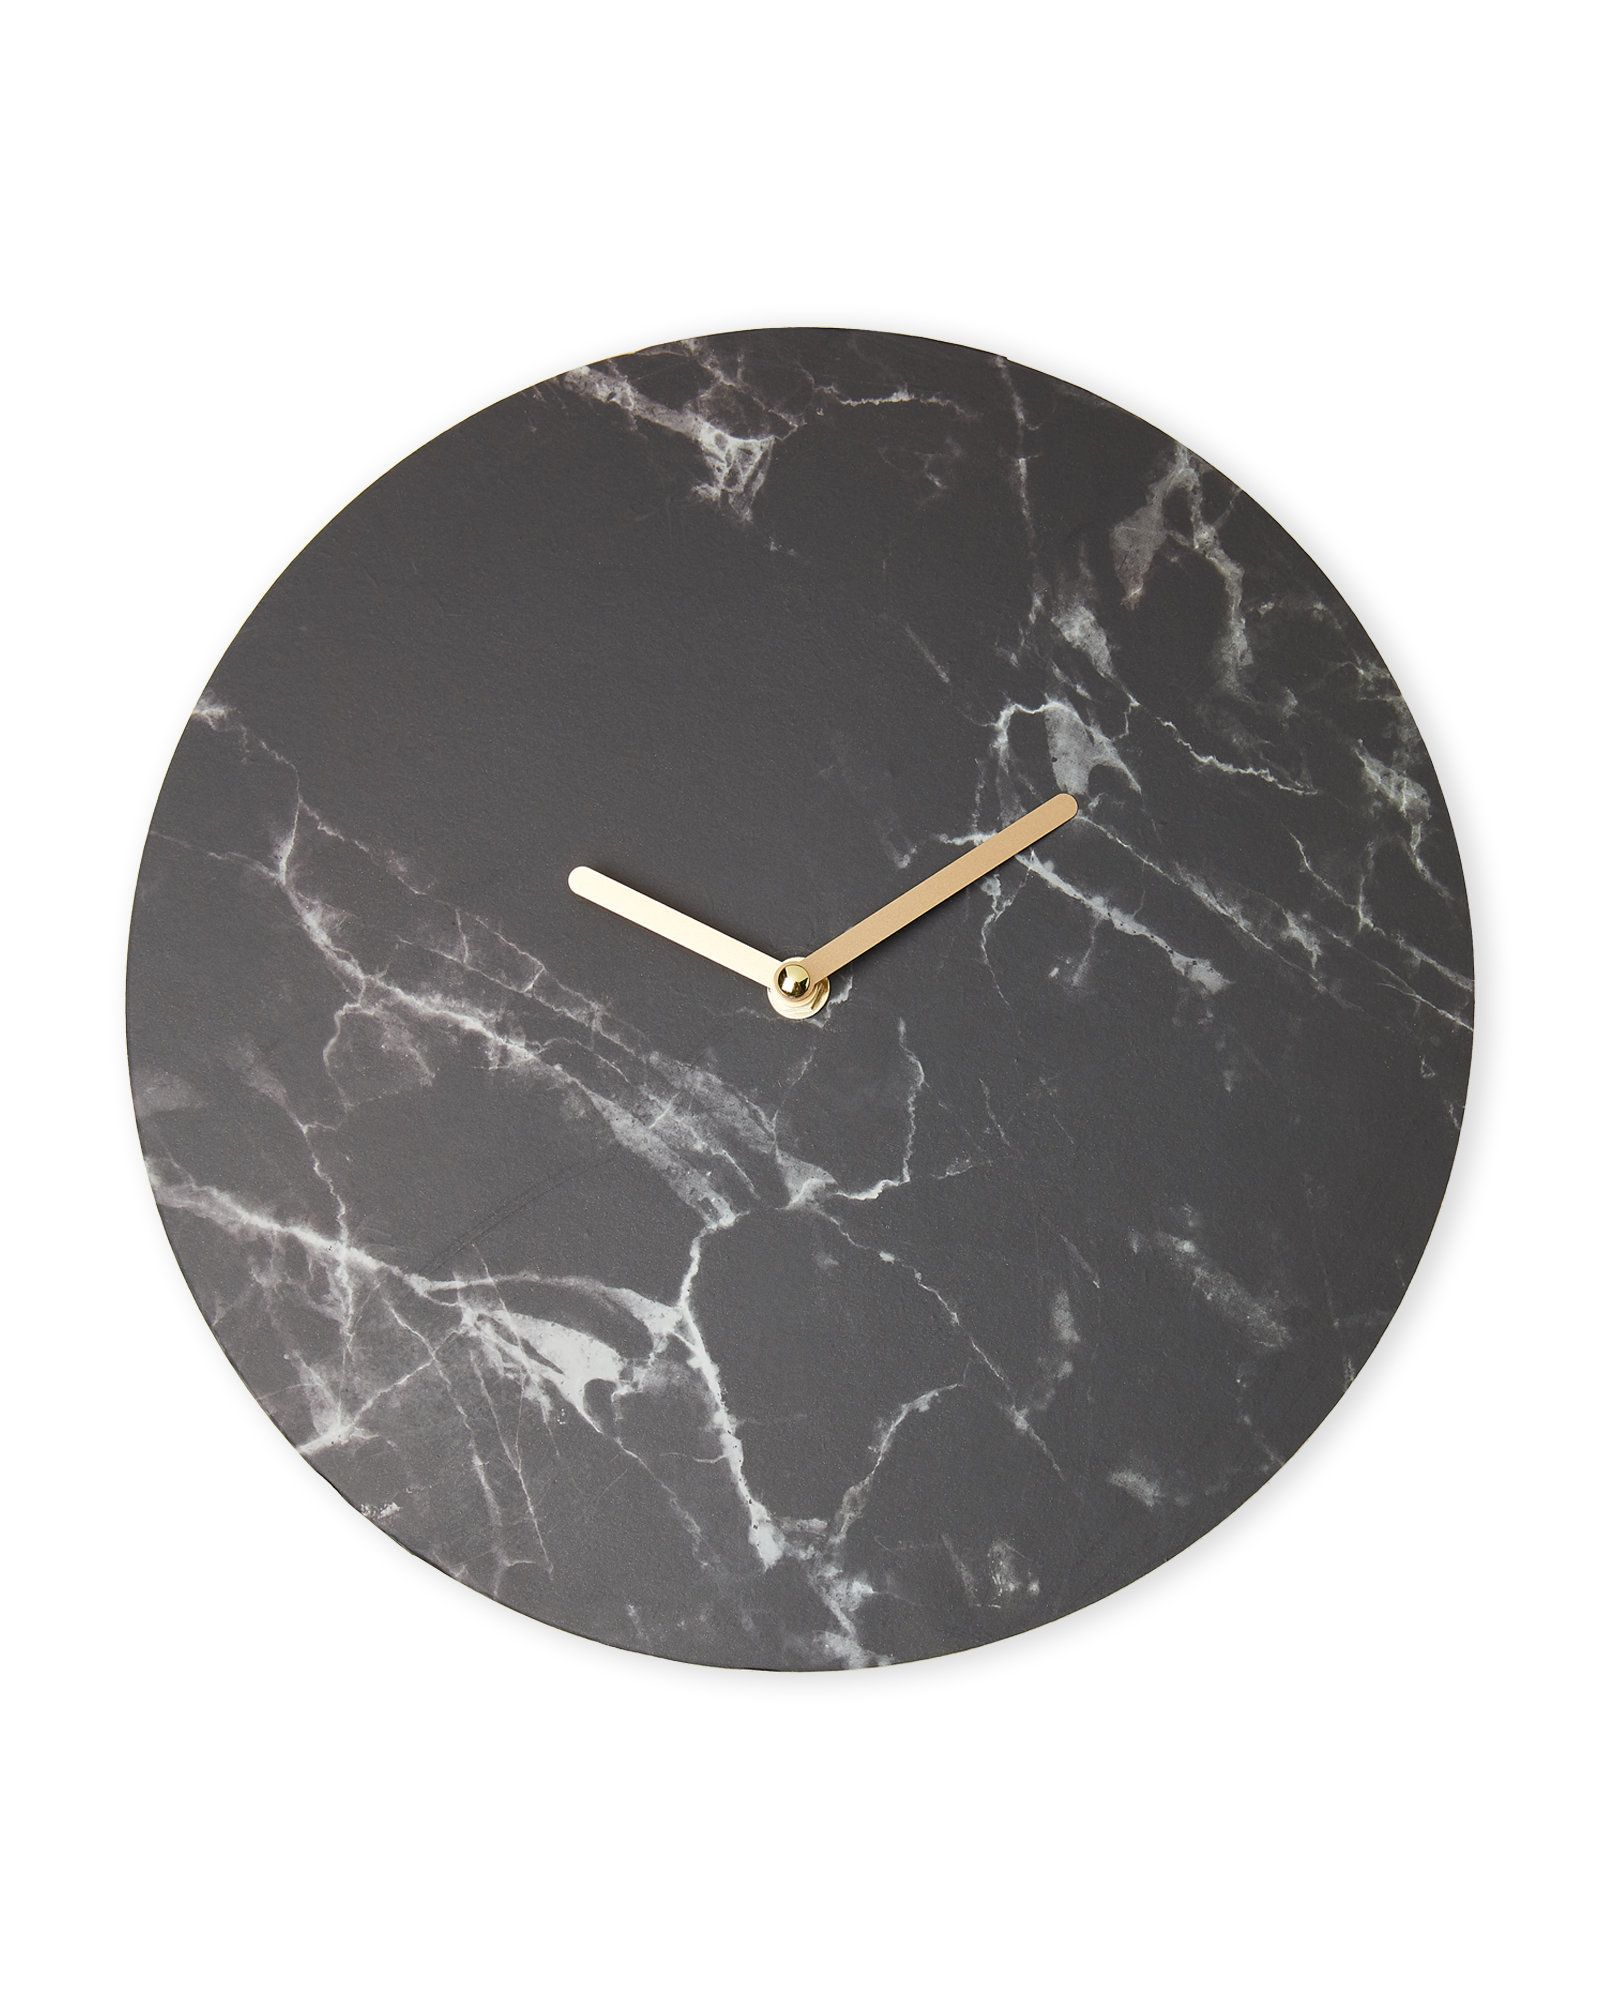 View Larger Image Wall Clock Clock Marble Wall